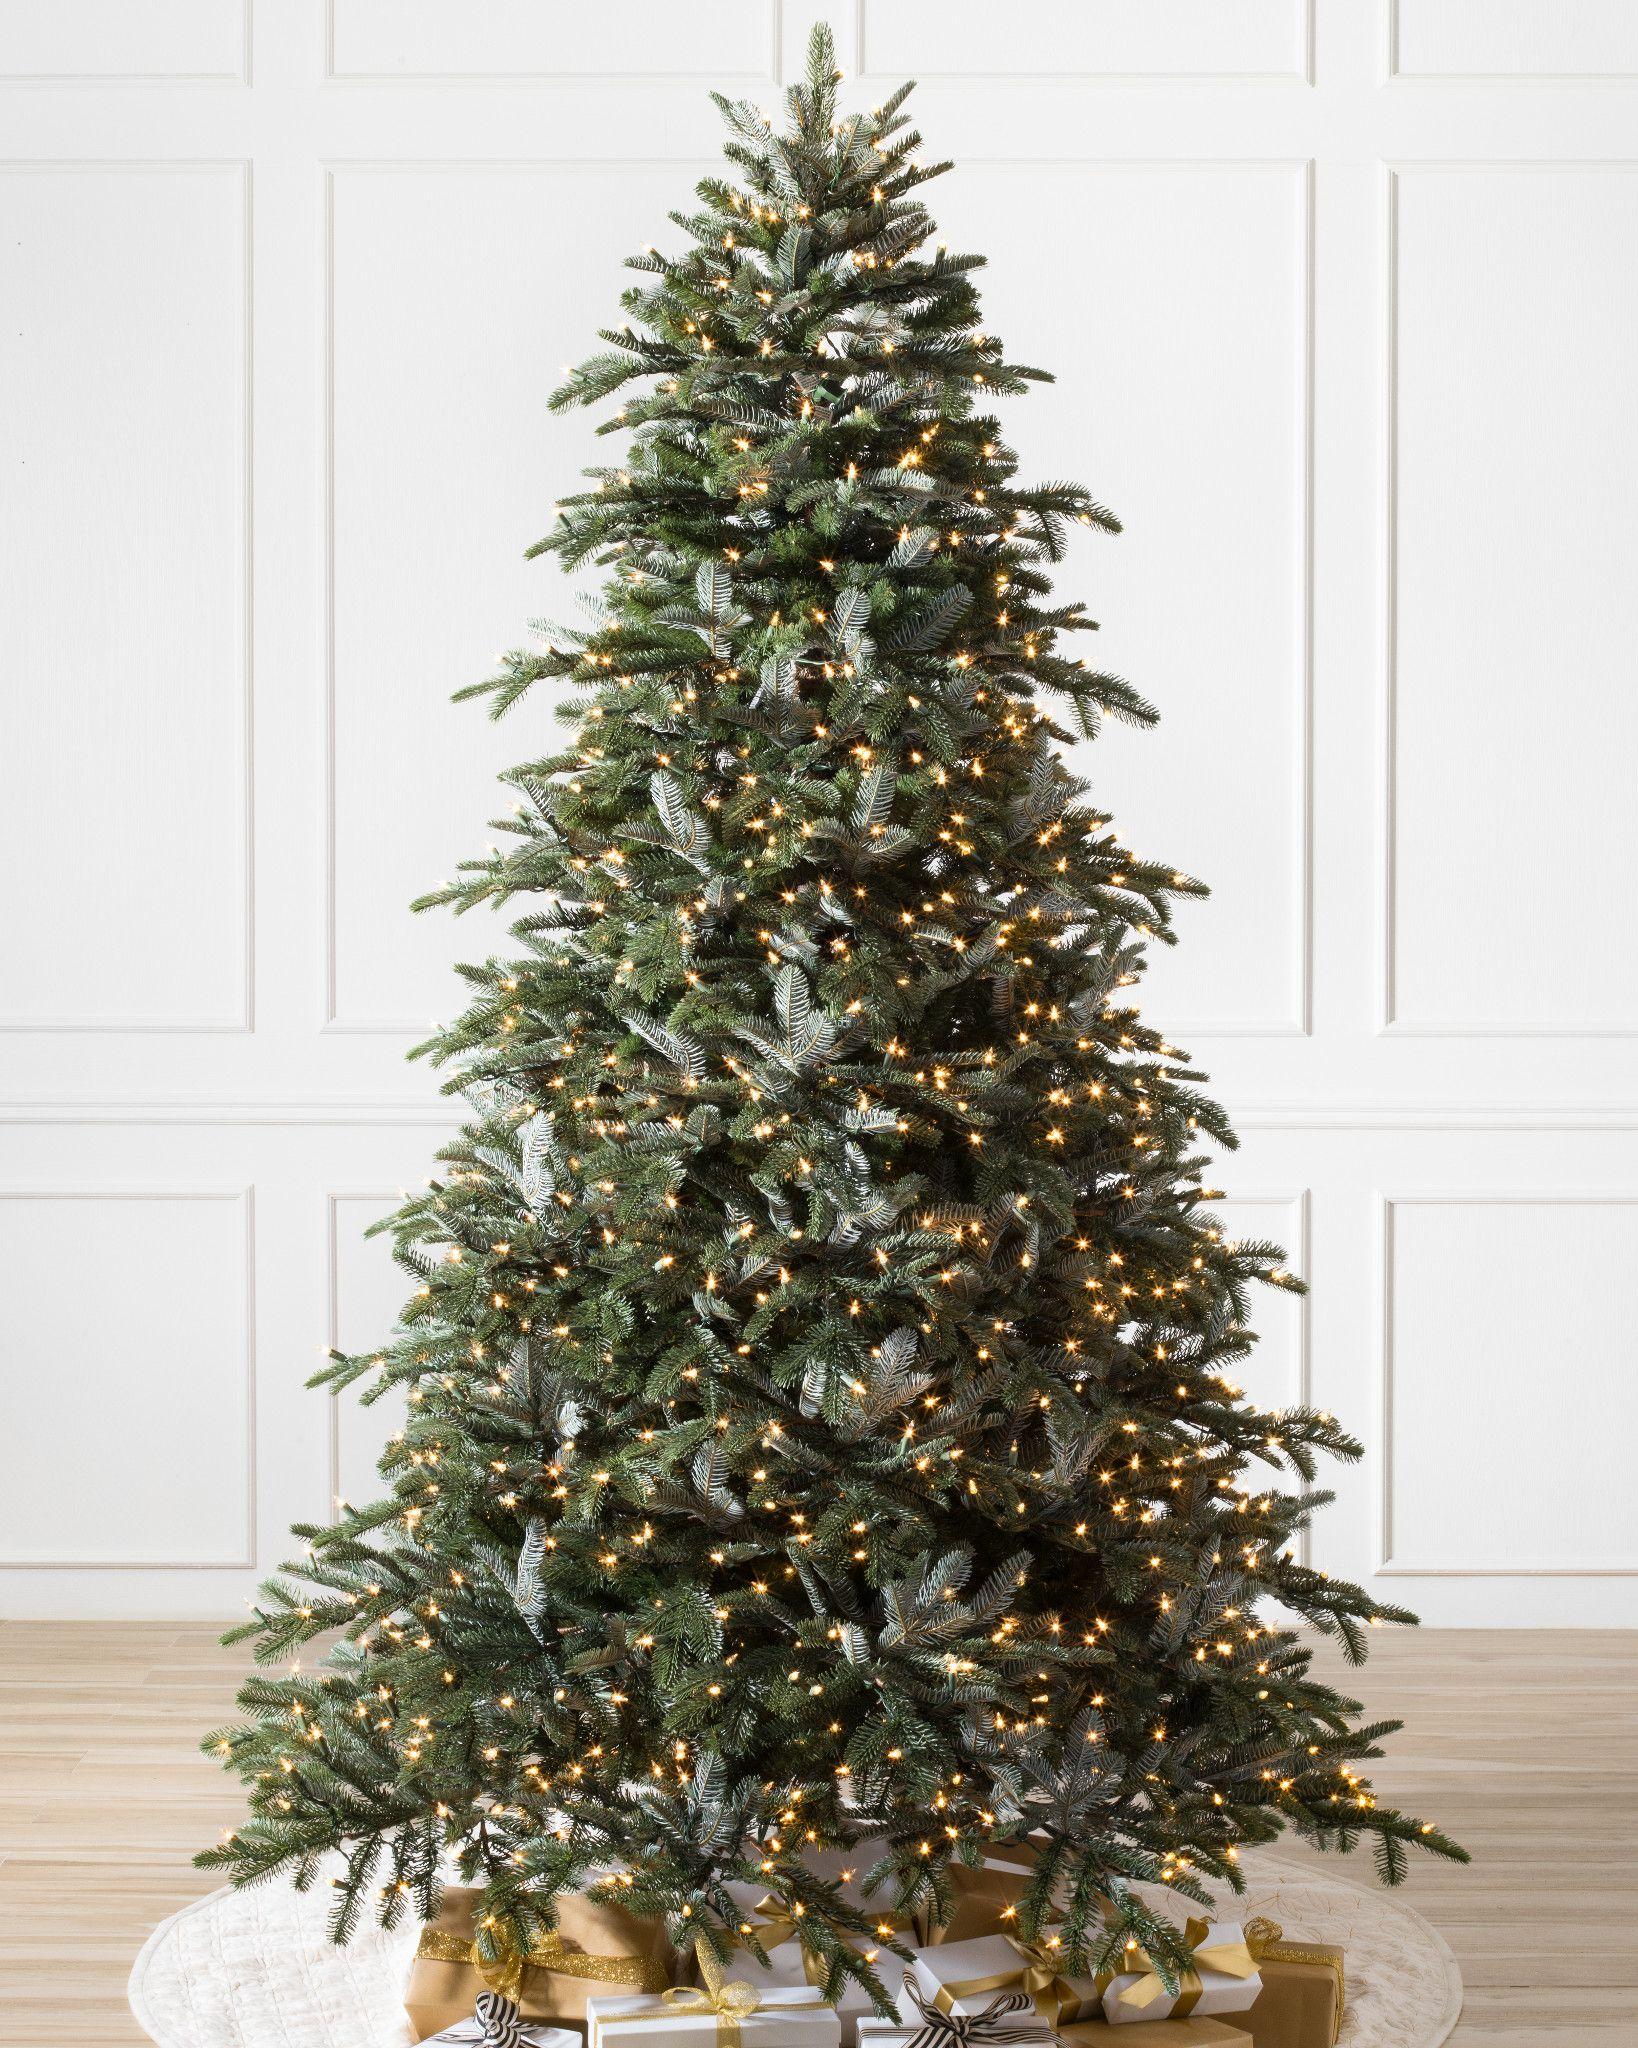 8 Ft Real Christmas Tree